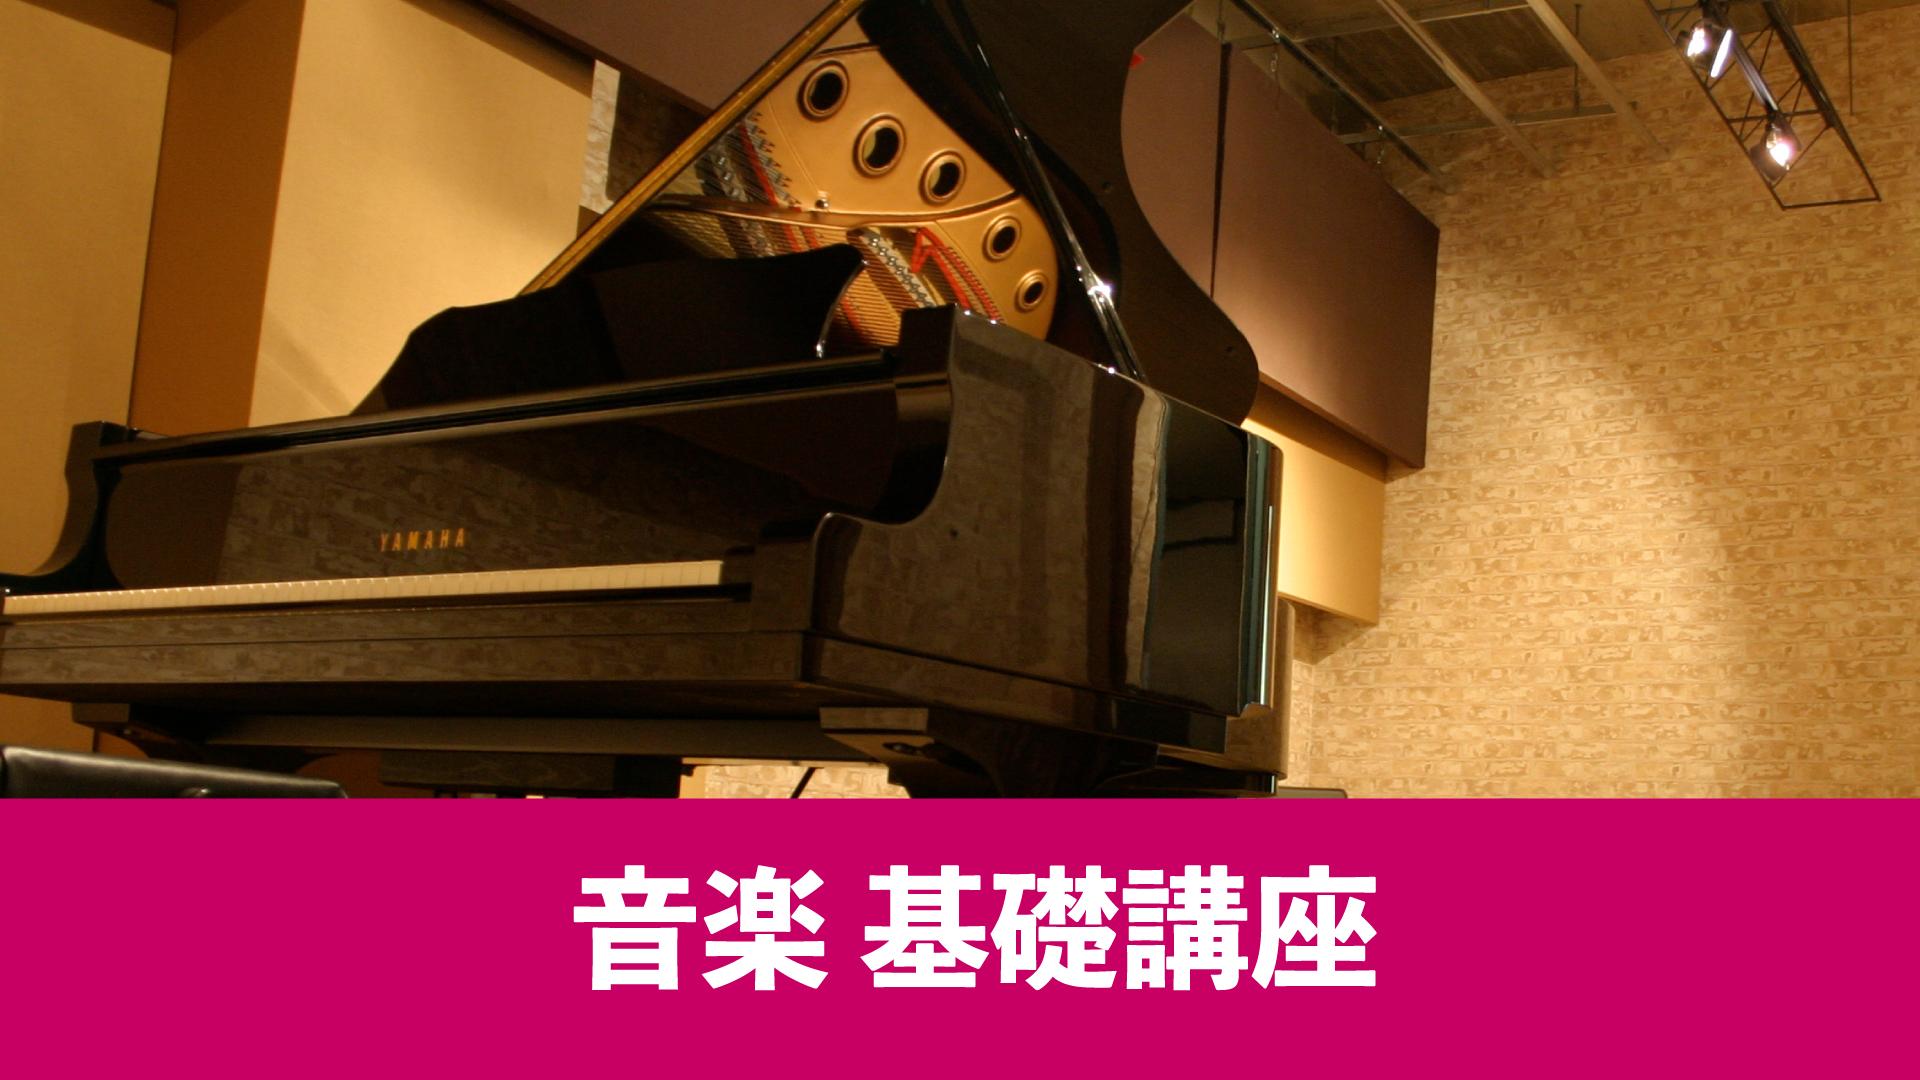 音楽 基礎講座|音楽や制作の基本知識